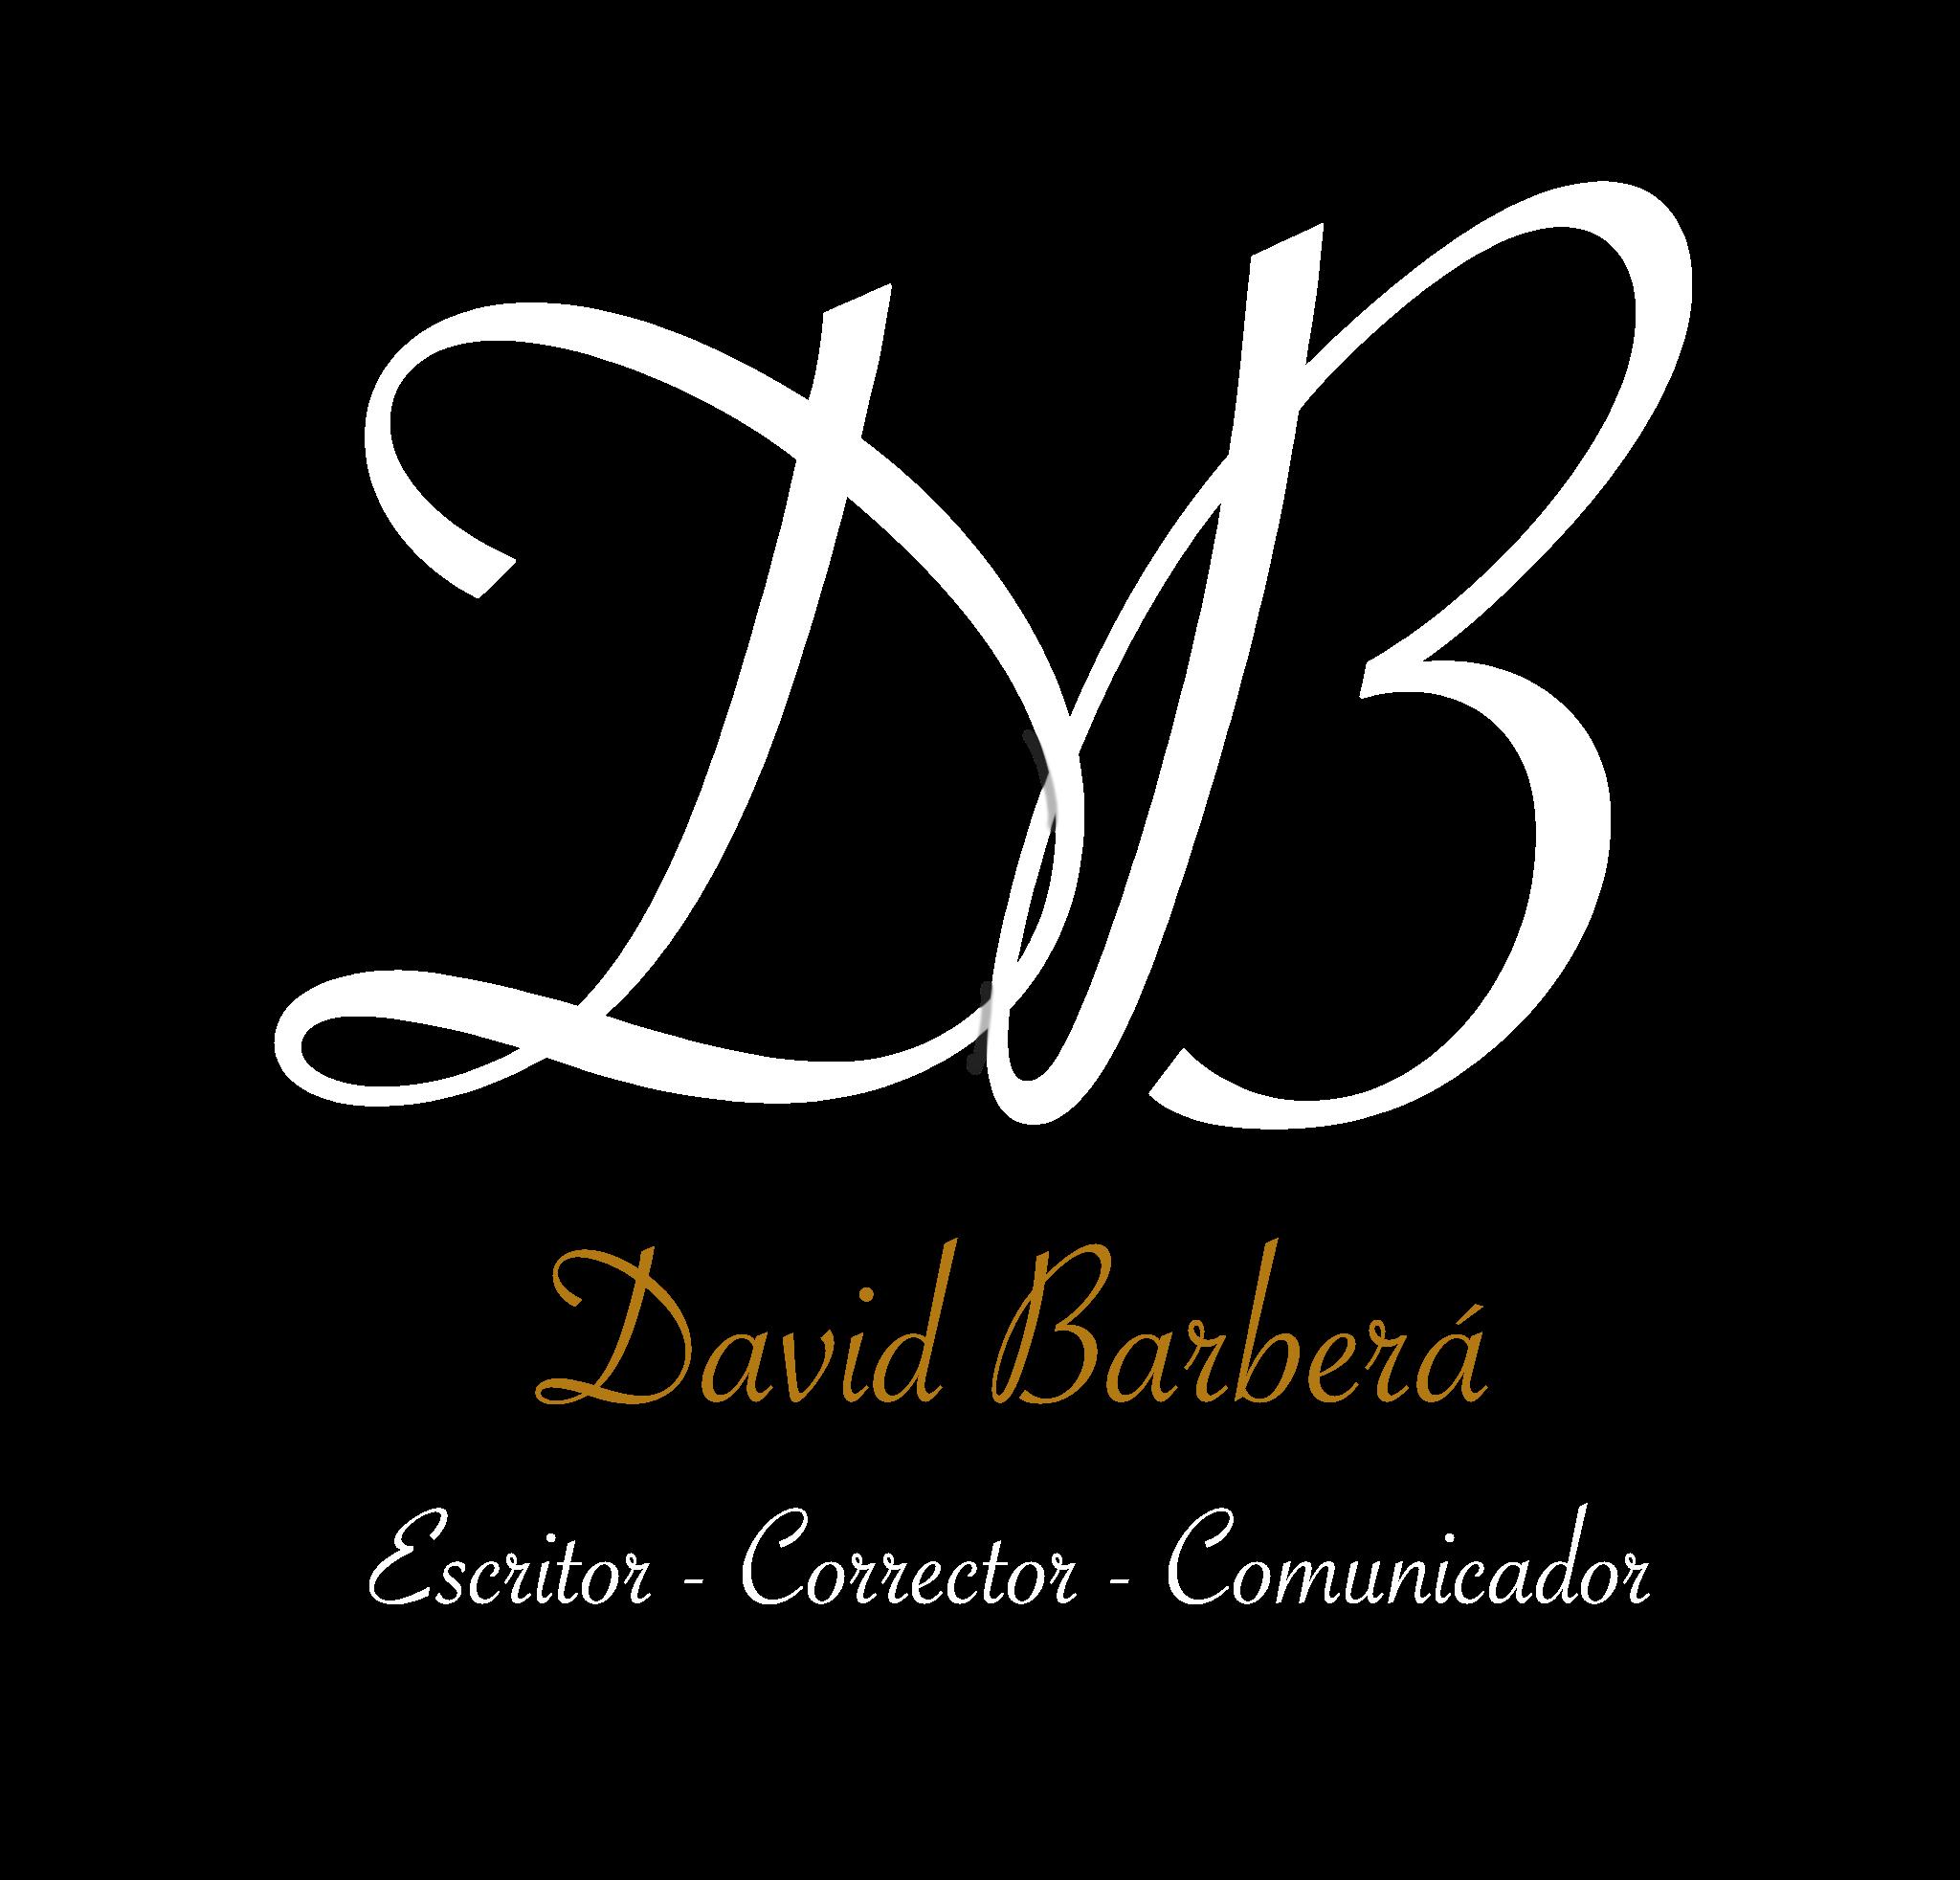 David Barberá